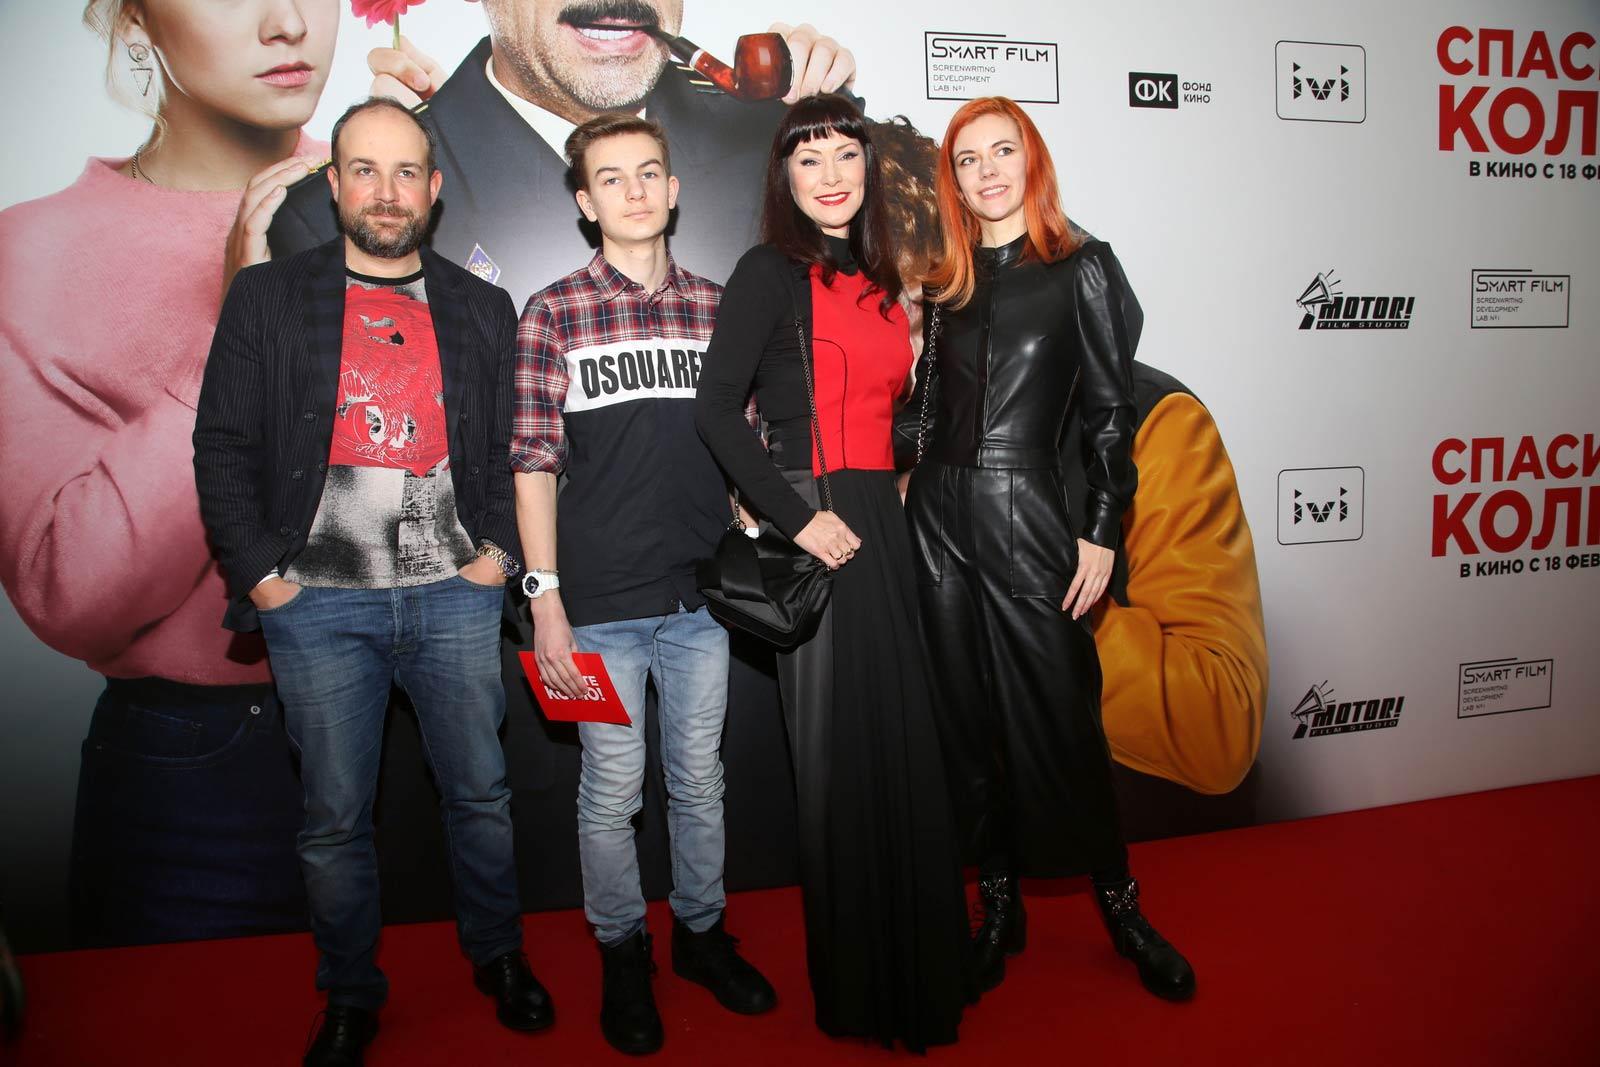 Нонна Гришаева и другие звезды на премьере фильма Дмитрия Губарева «Спасите Колю!»